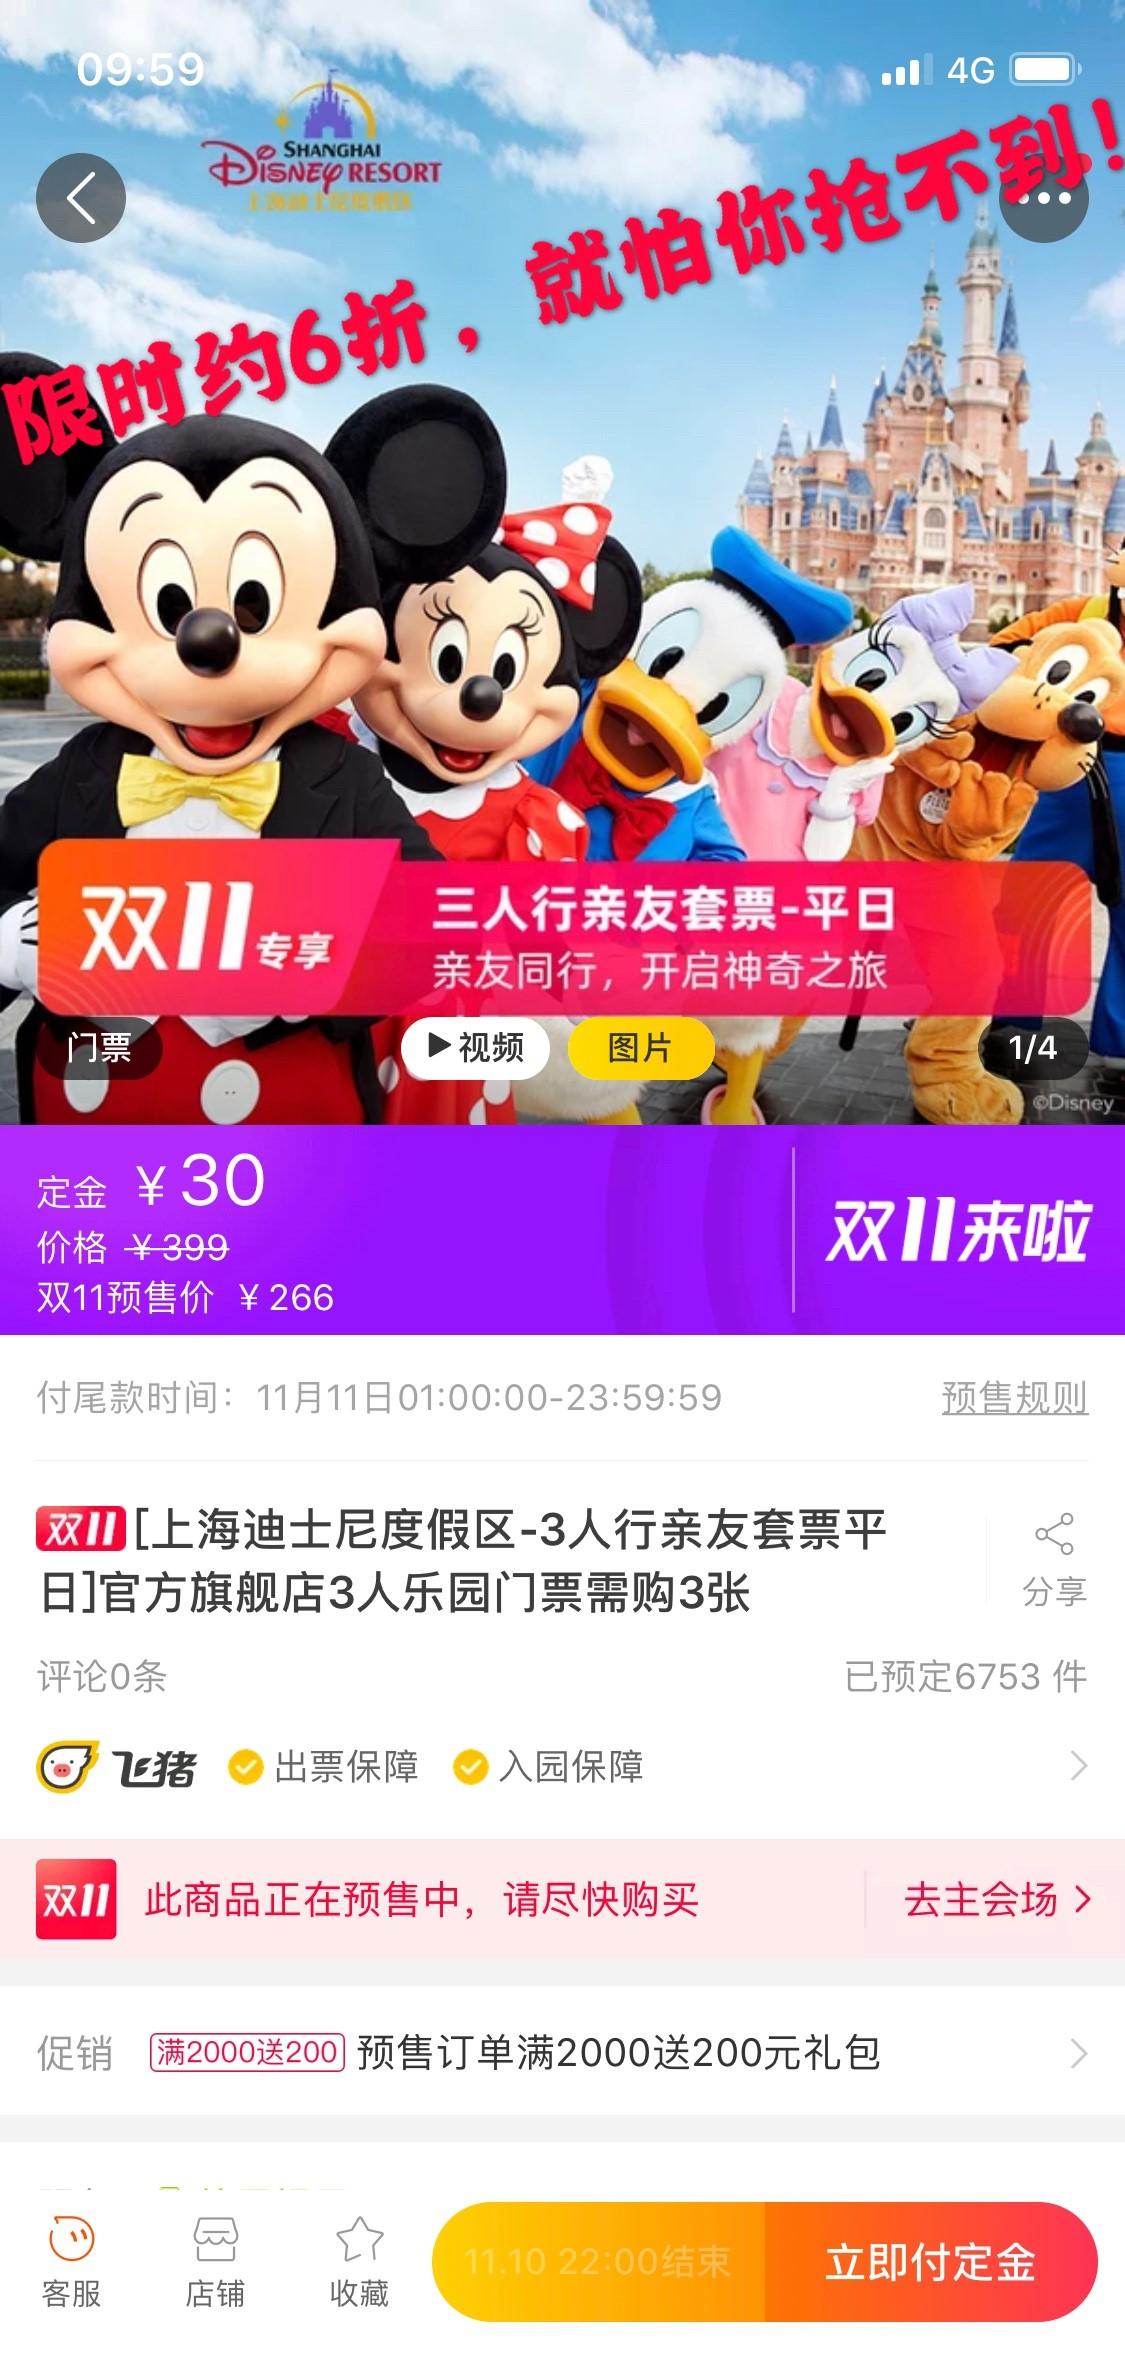 天猫双11还能买旅行 上海迪士尼